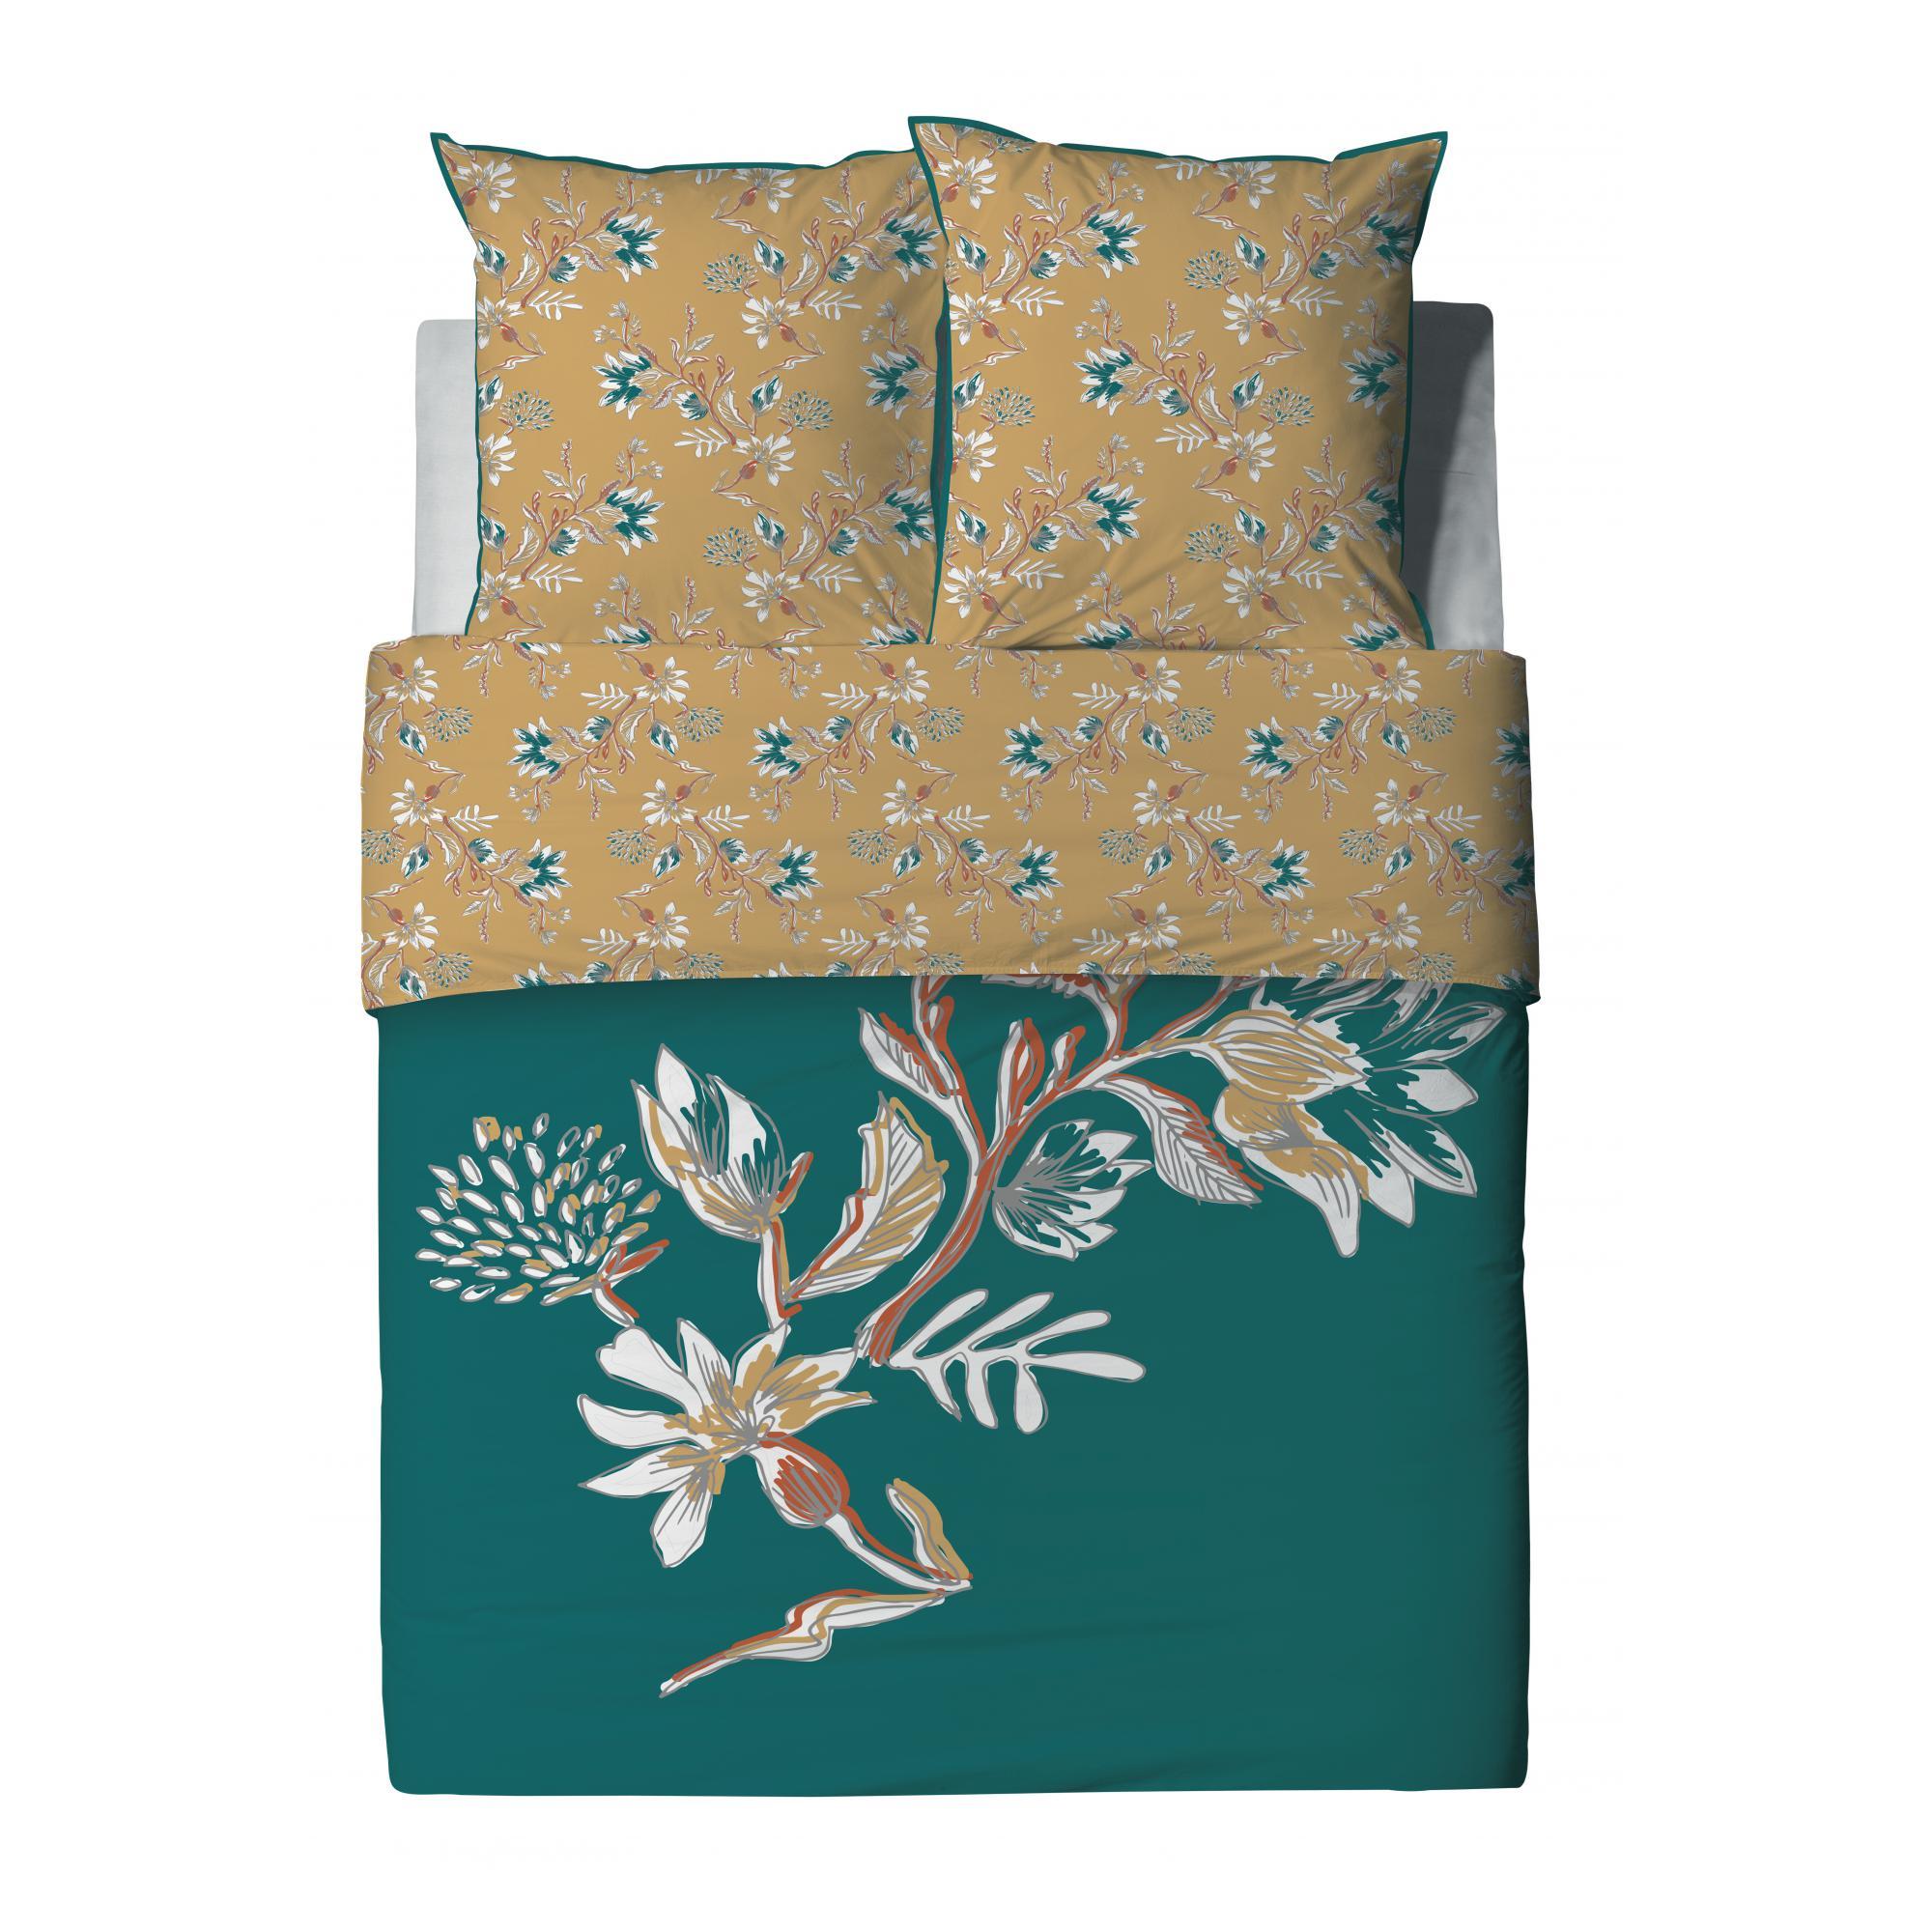 Parure de lit 2 personnes Motueka avec housse de couette et taies d'oreiller Imprimé 240 x 220